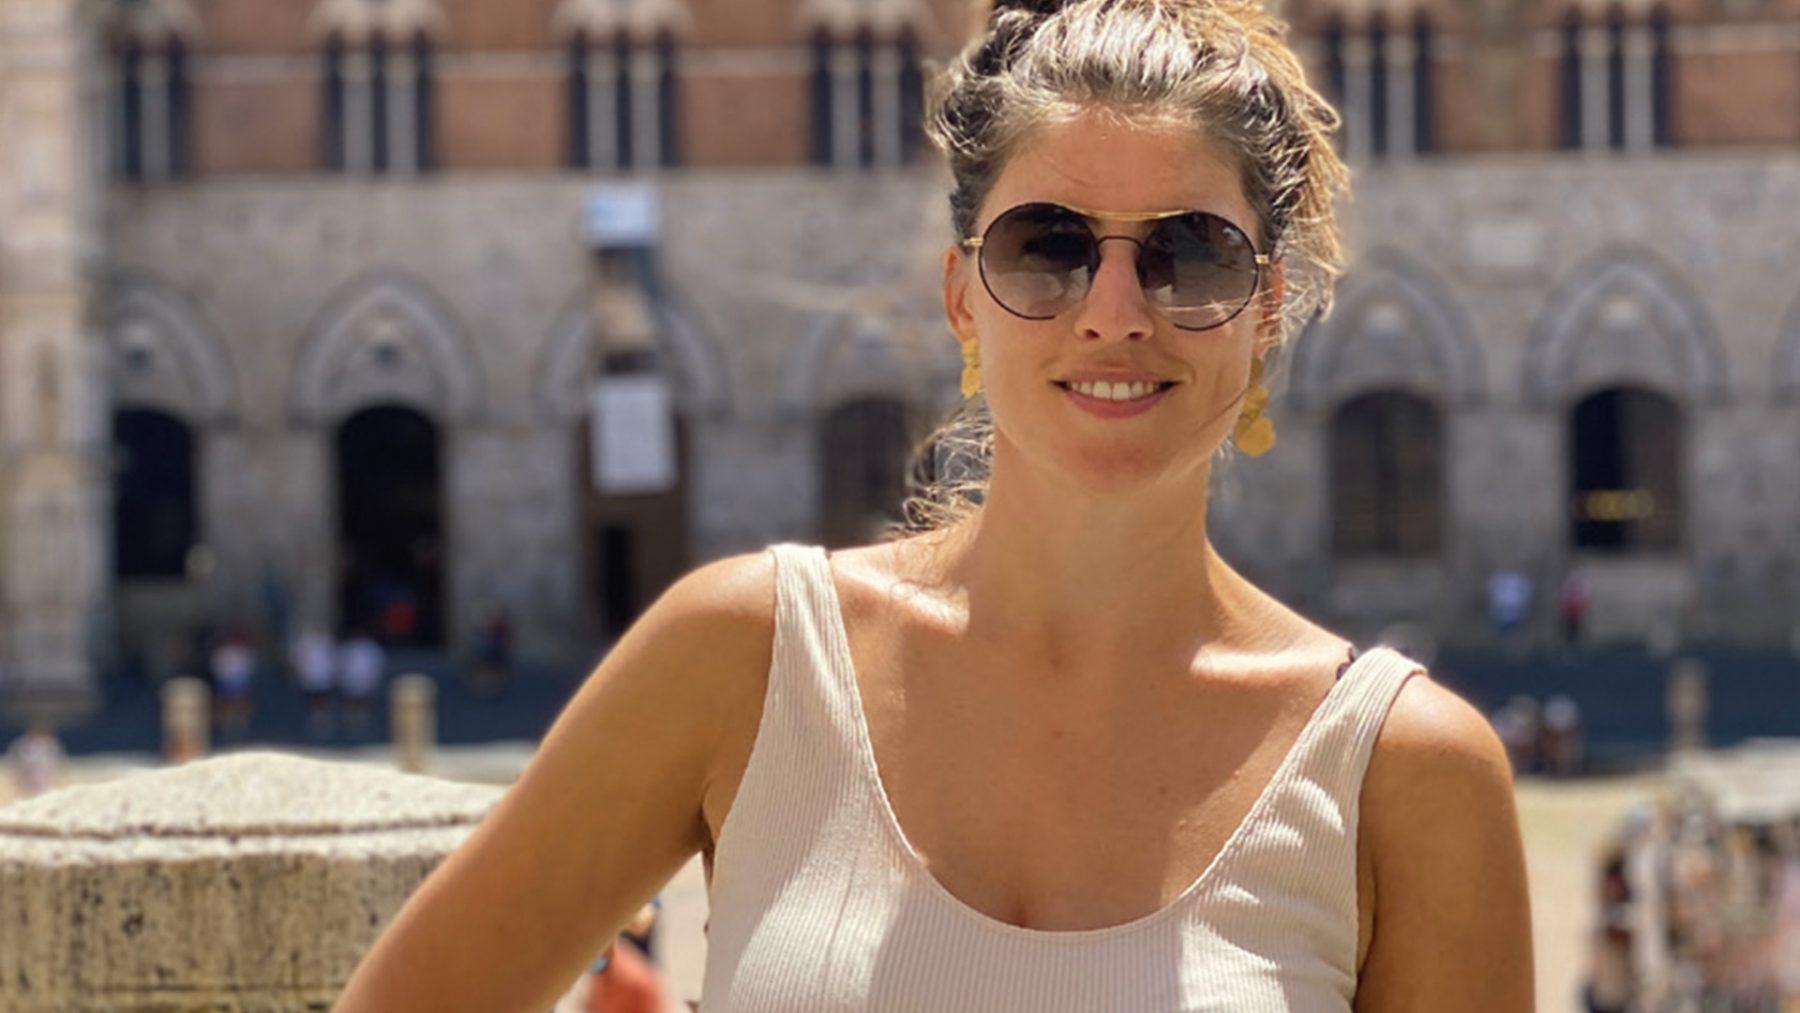 De geheime (vakantie-)adresjes van Marieke Elsinga: 'Vol wijn en burrata naar huis rollen'